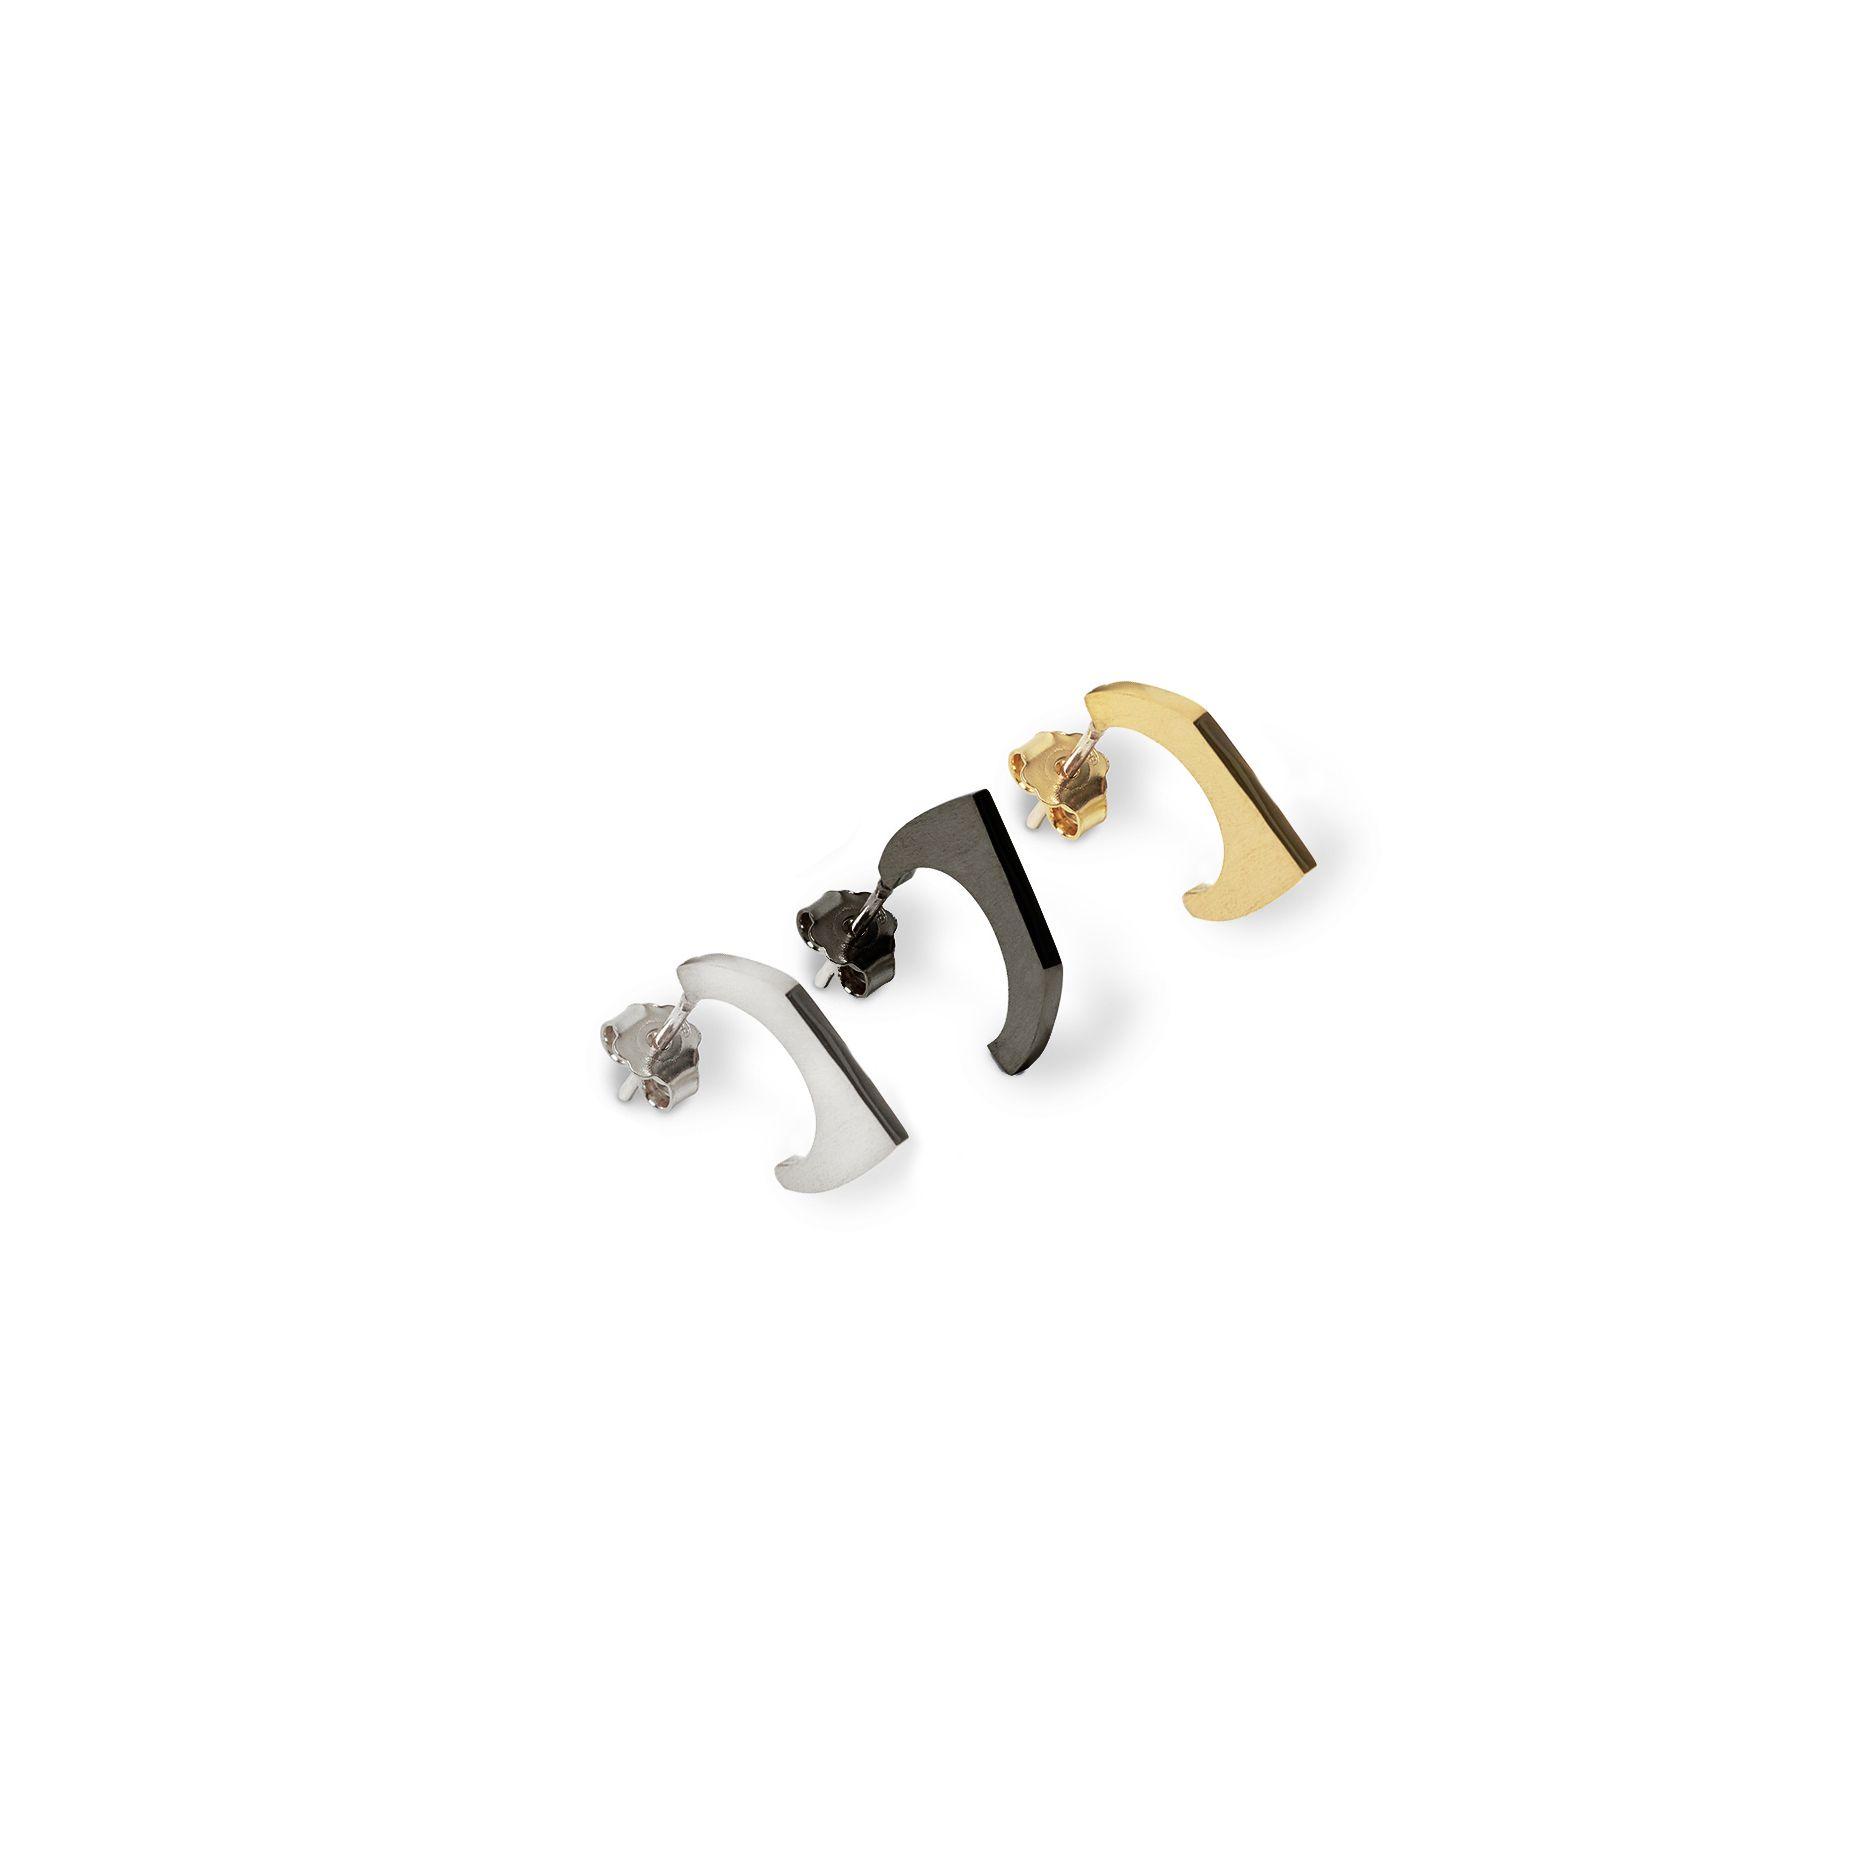 'Congiunzioni' 1 element mix 3 mono earrings to mix